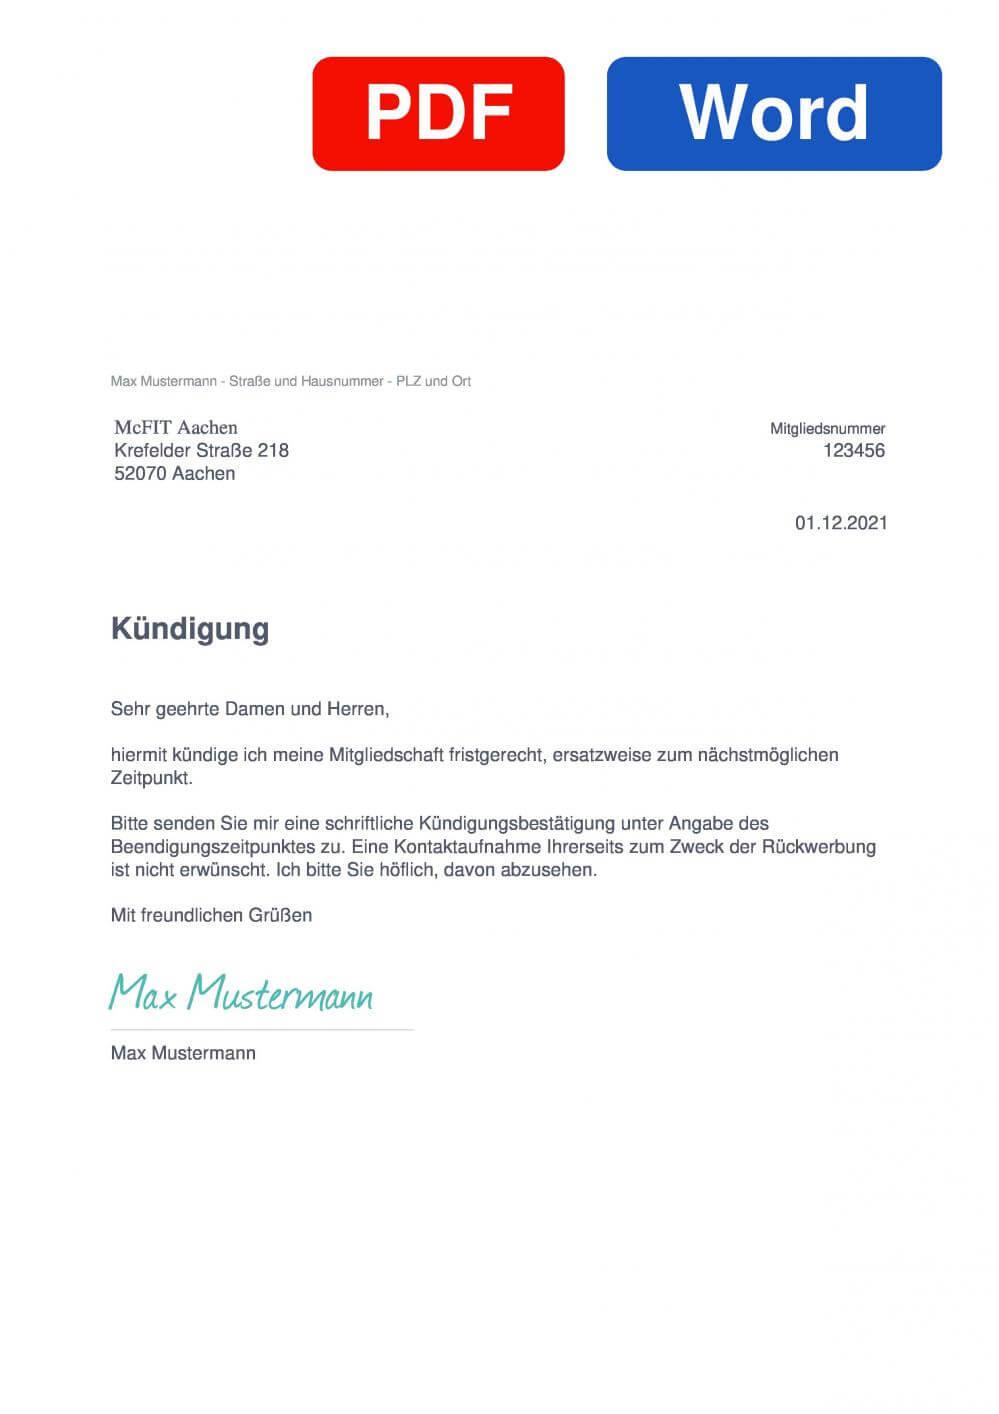 McFIT Aachen Trierer Straße Muster Vorlage für Kündigungsschreiben